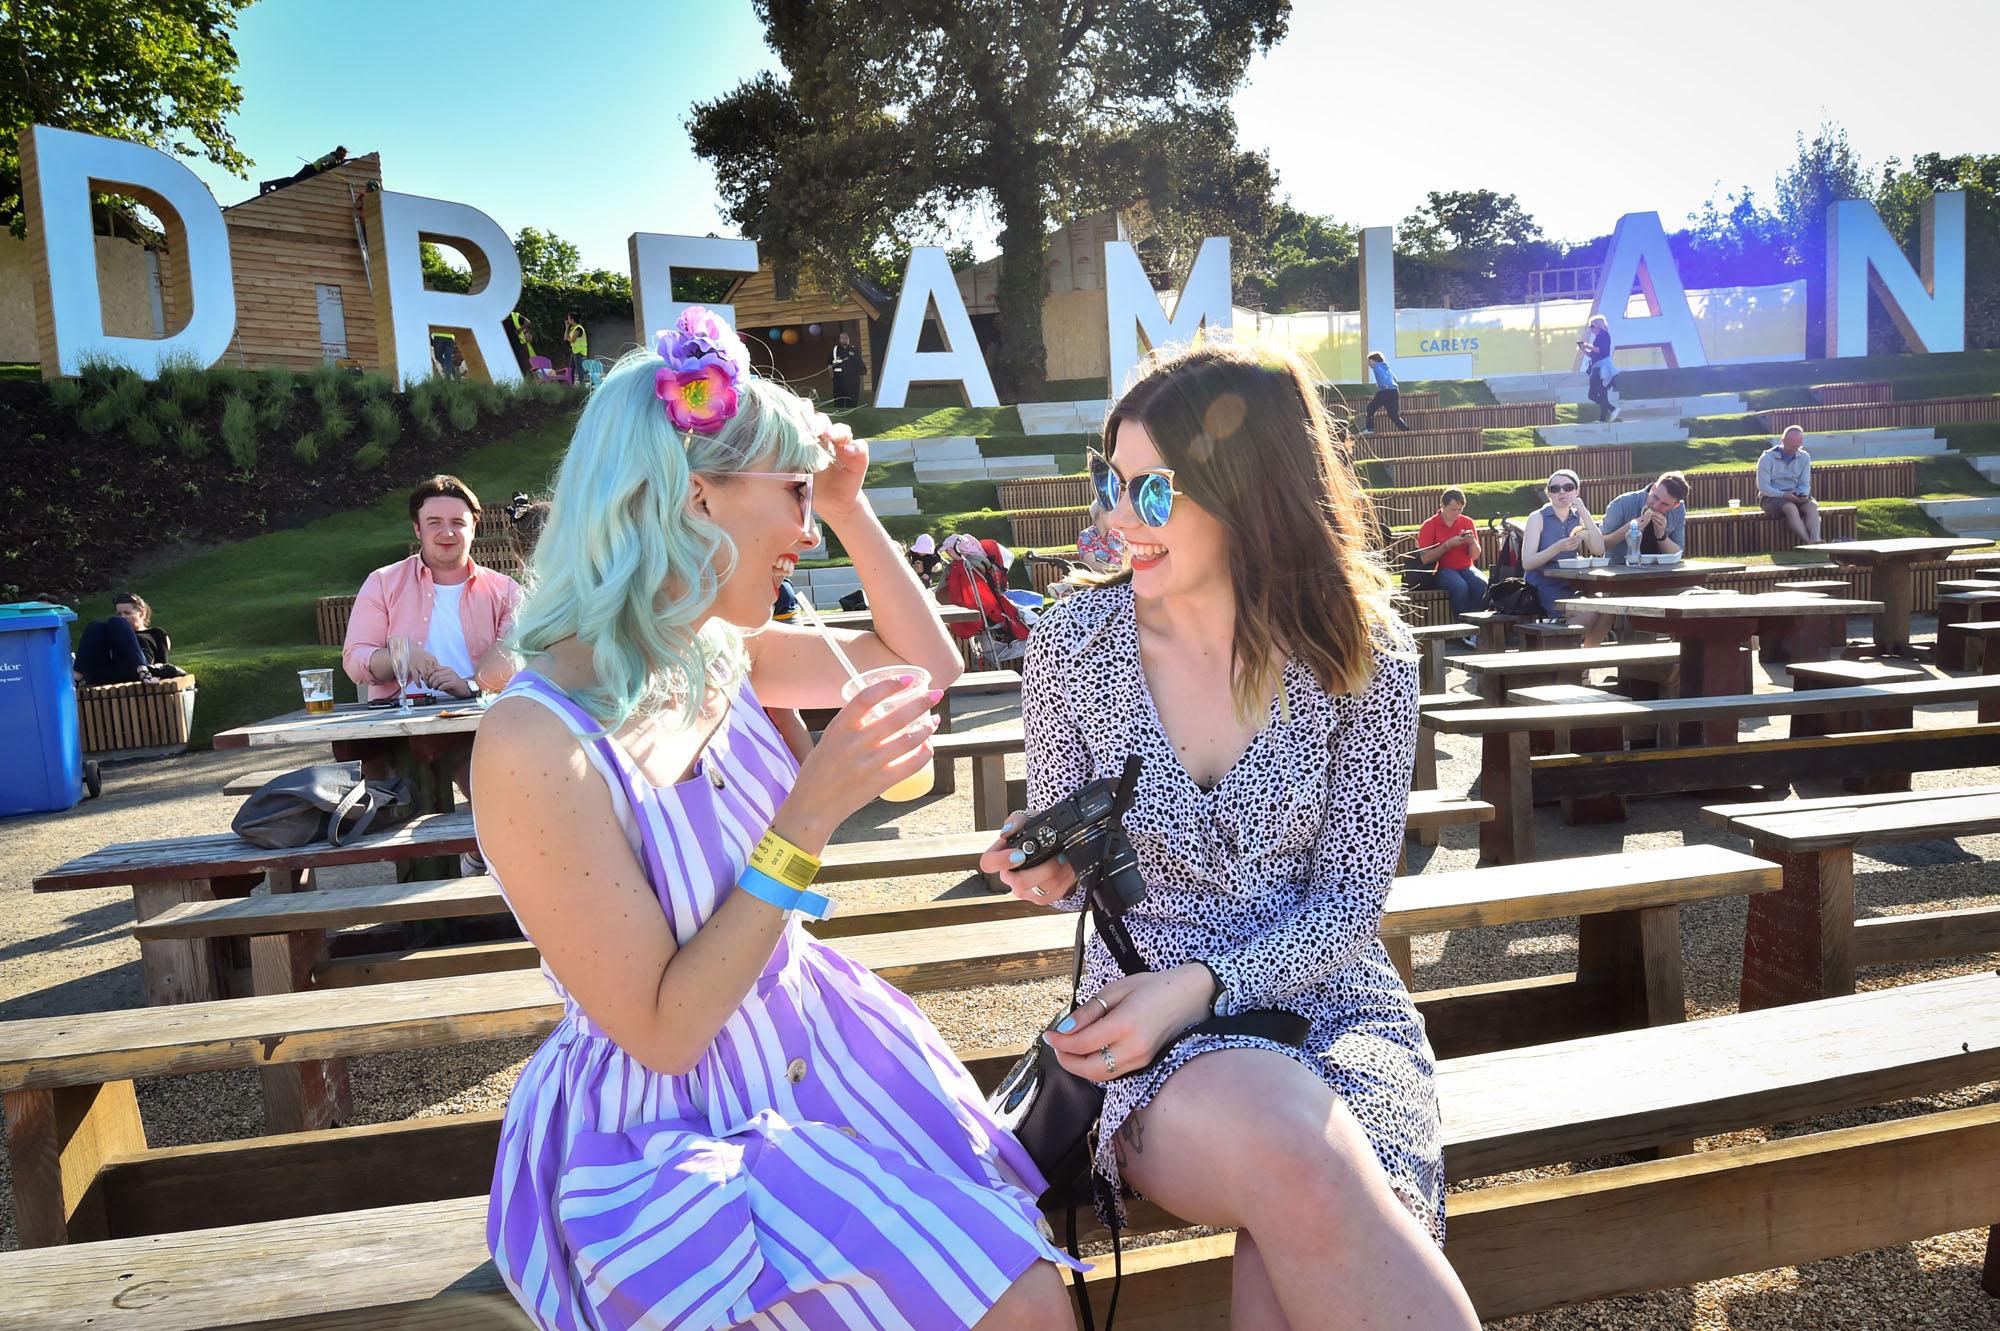 Dreamland festival event